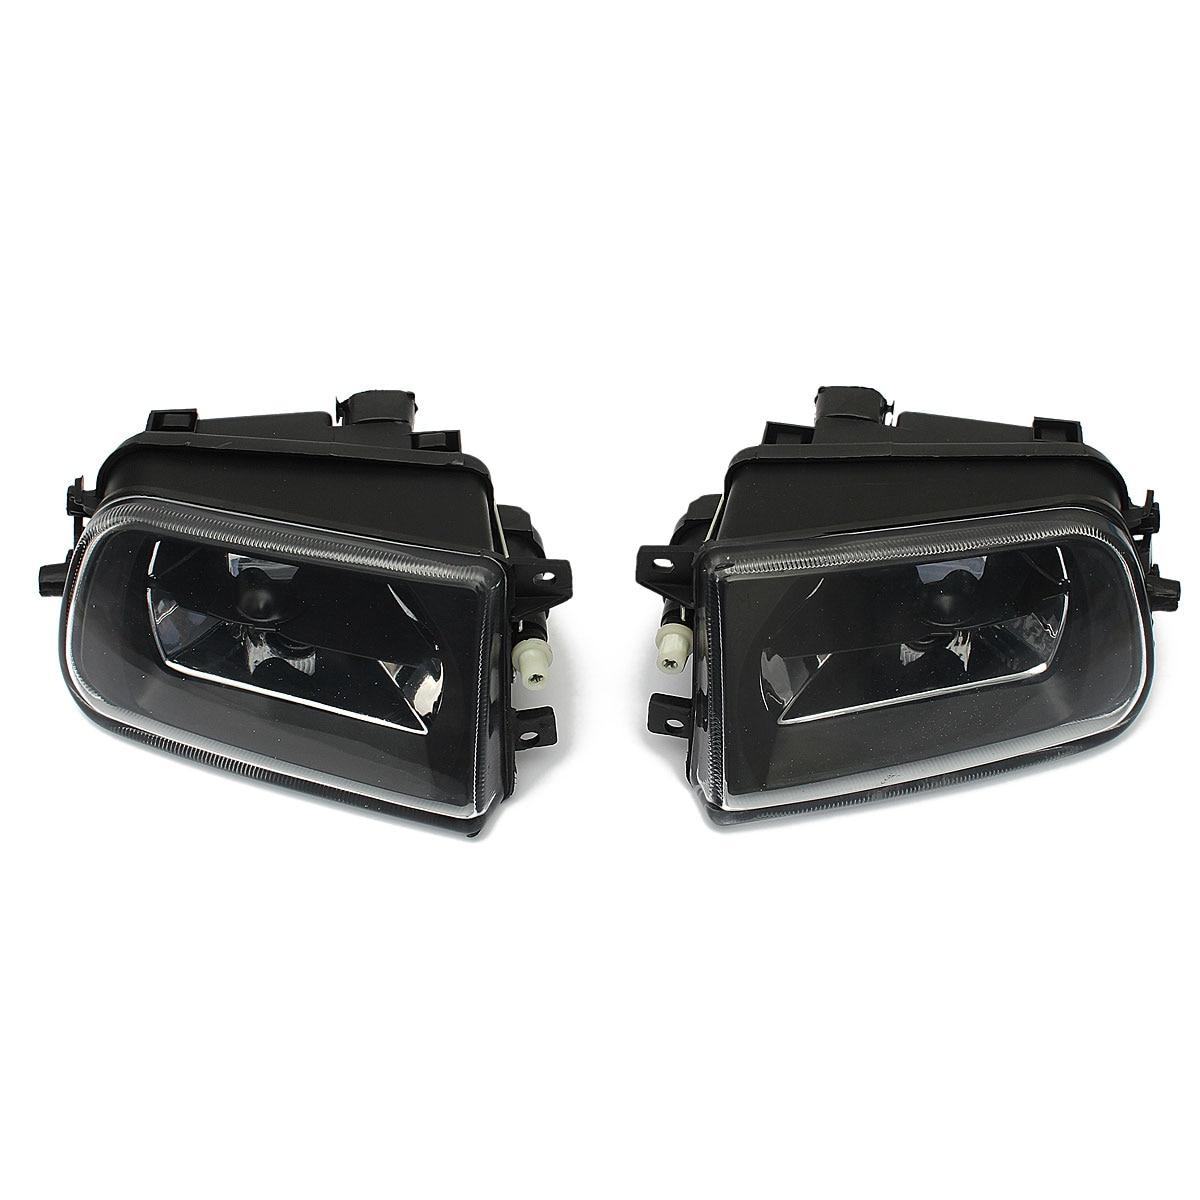 1 Par de Carro Luzes de Nevoeiro Habitação Luz do Ponto de Condução Caixa Preta Para BMW SÉRIE 5 E39 Z3 1997-2000